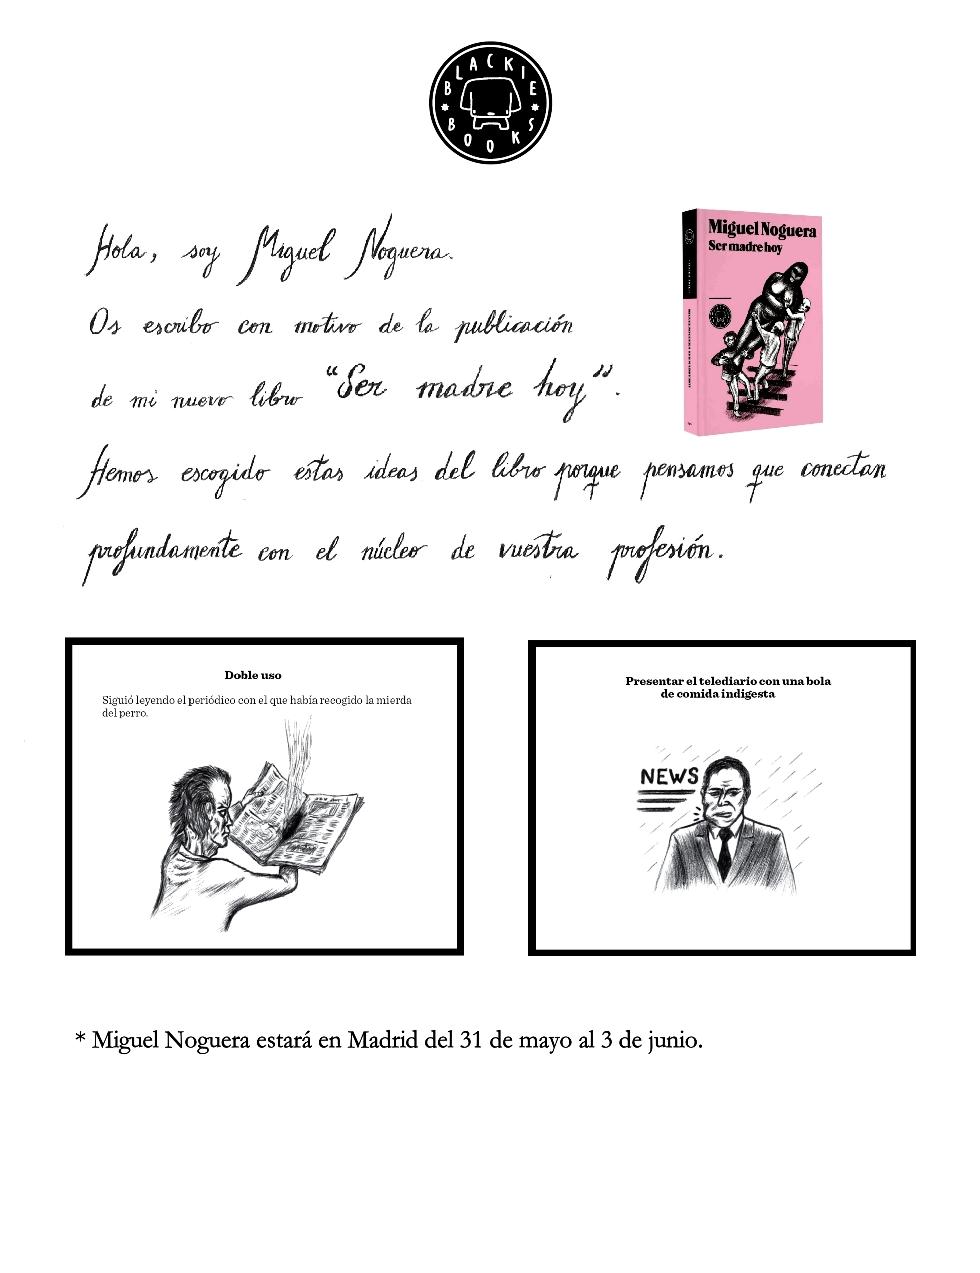 Literaturas Noticias: 90.- SER MADRE HOY - el nuevo libro